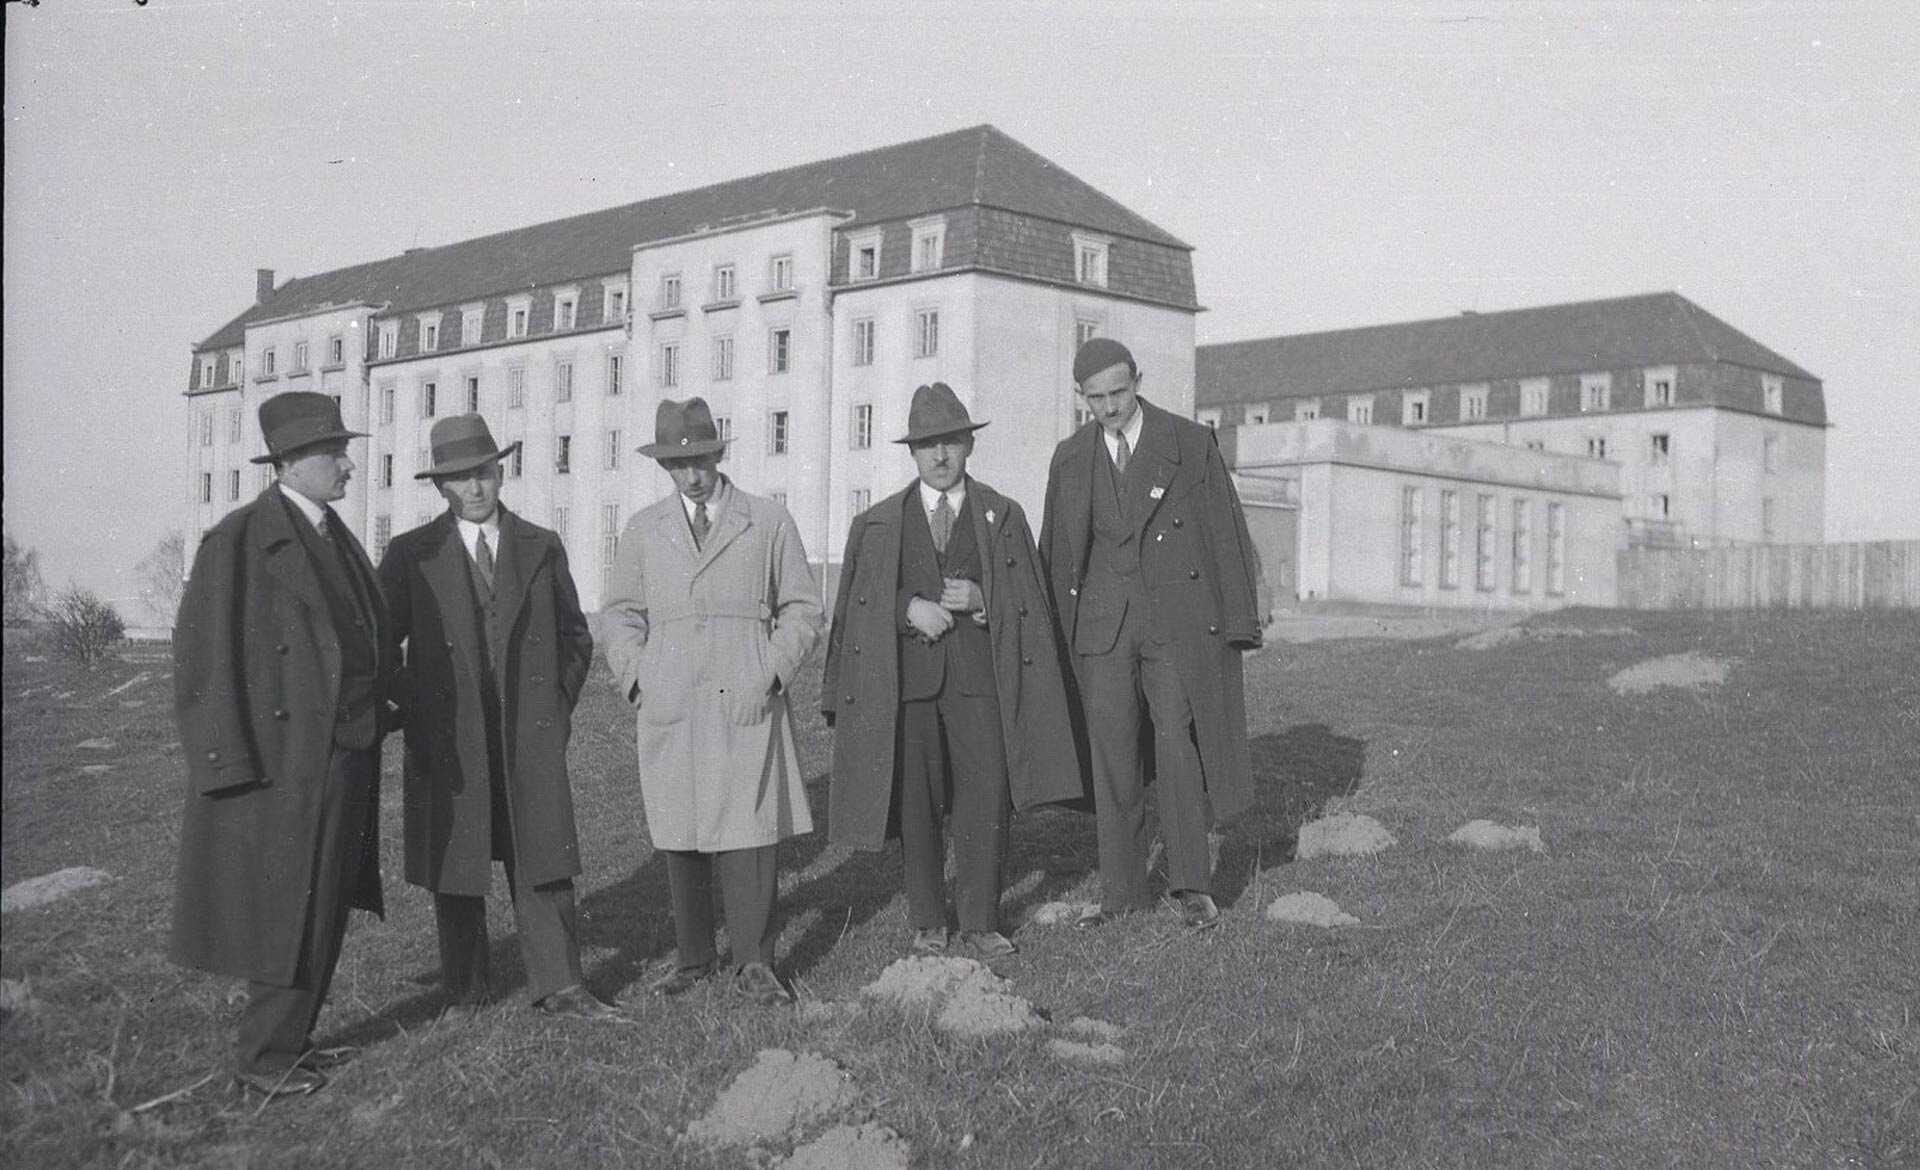 Unikatowe fotografie Lwowa przed wybuchem II wojny światowej. Niezwykłe archiwum!